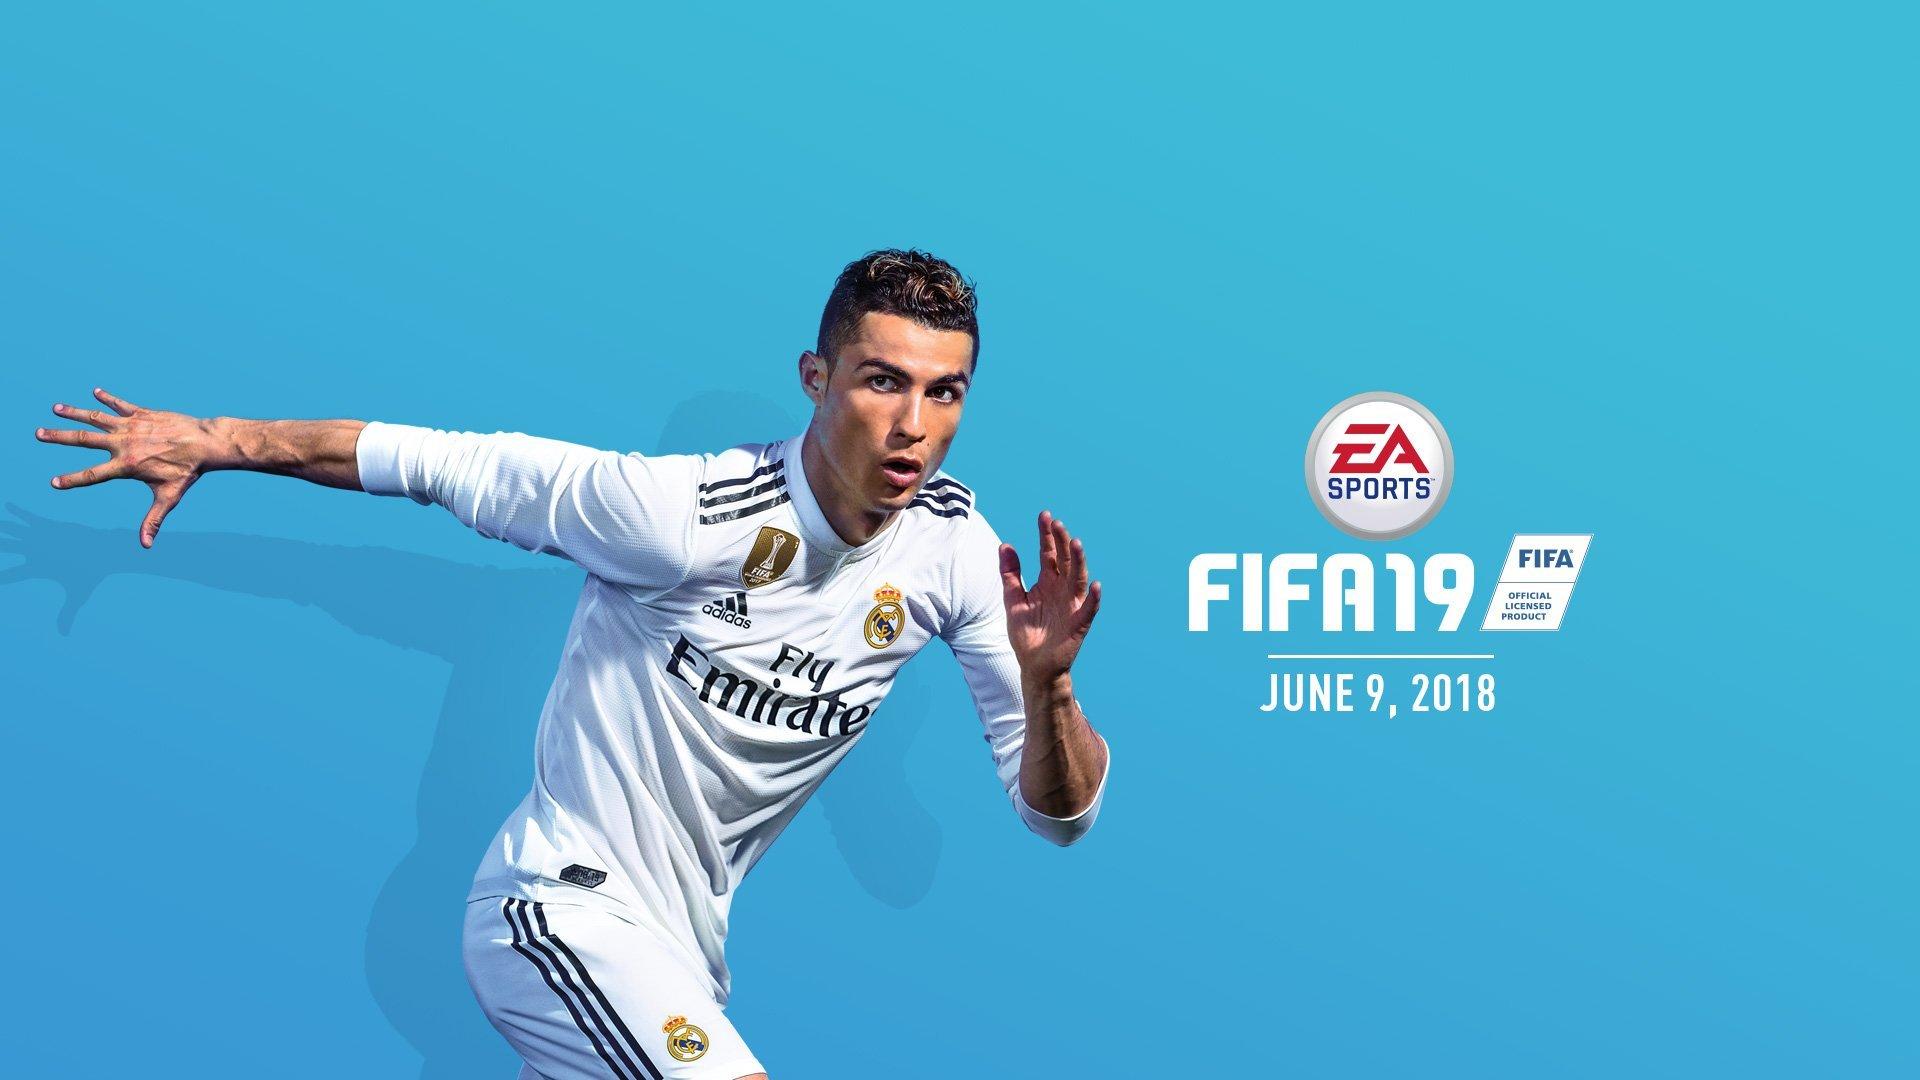 Криштиану Роналду будет на обложке FIFA 19 - изображение 1